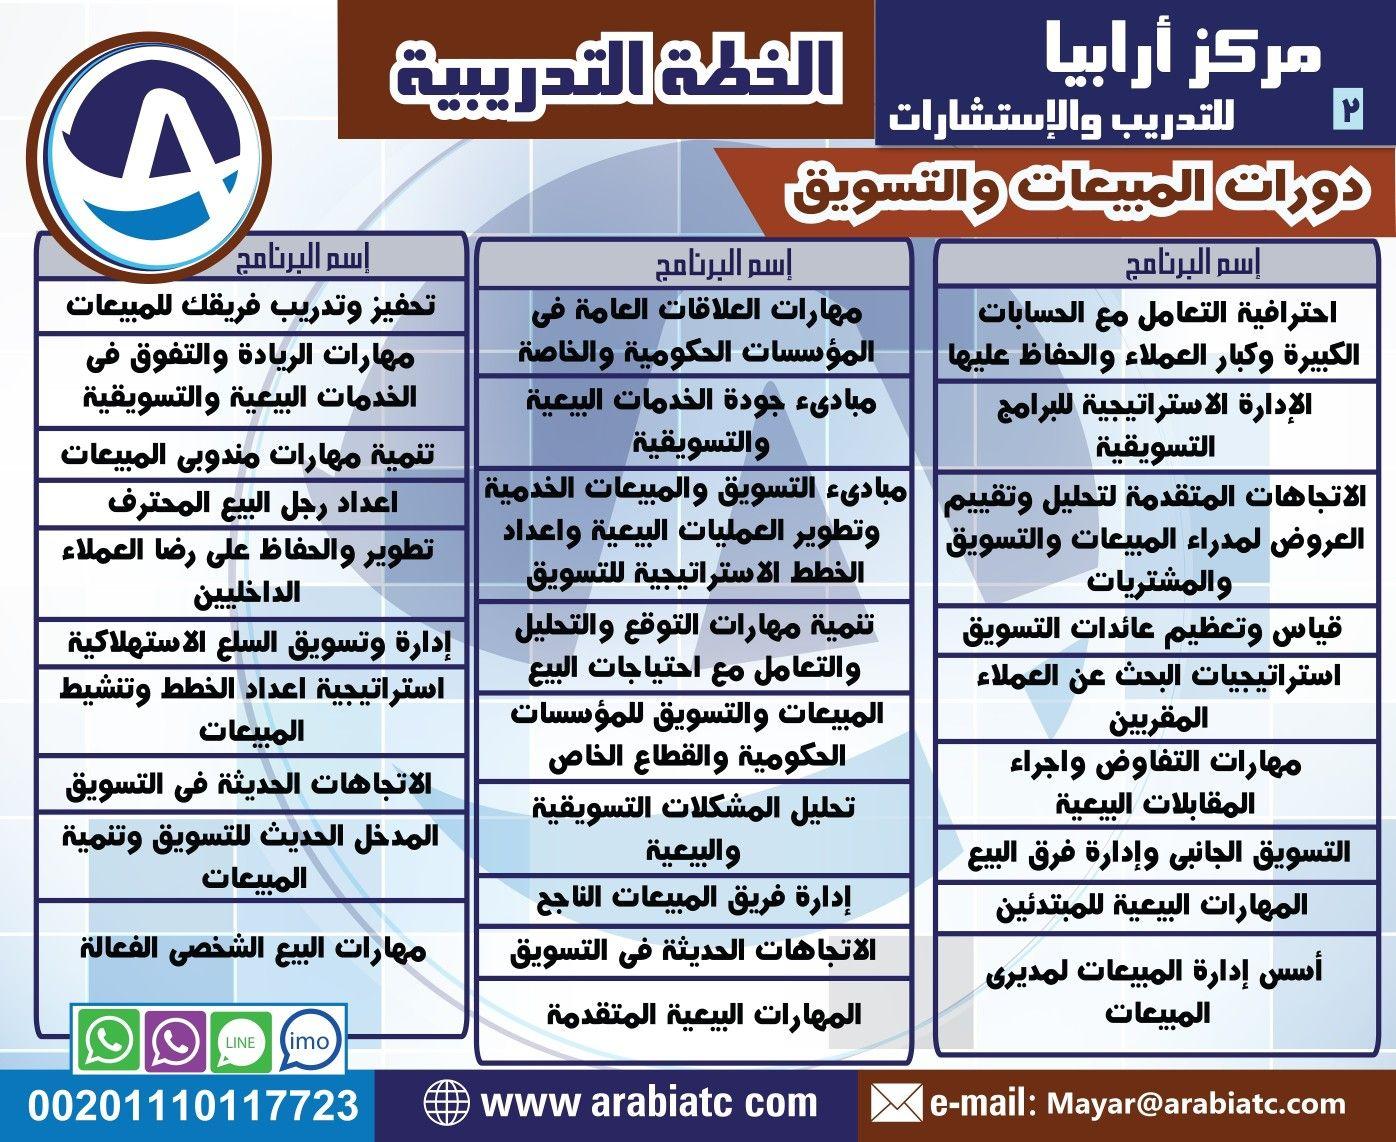 يتشرف مركز ارابيا للتدريب بتقديم اقوى البرامج التدريبية في مجال دورات المبيعات والتسويق المملكة العربية السعودية الرياض جدة مكة تبو Travel Fun Fun Diy Decor